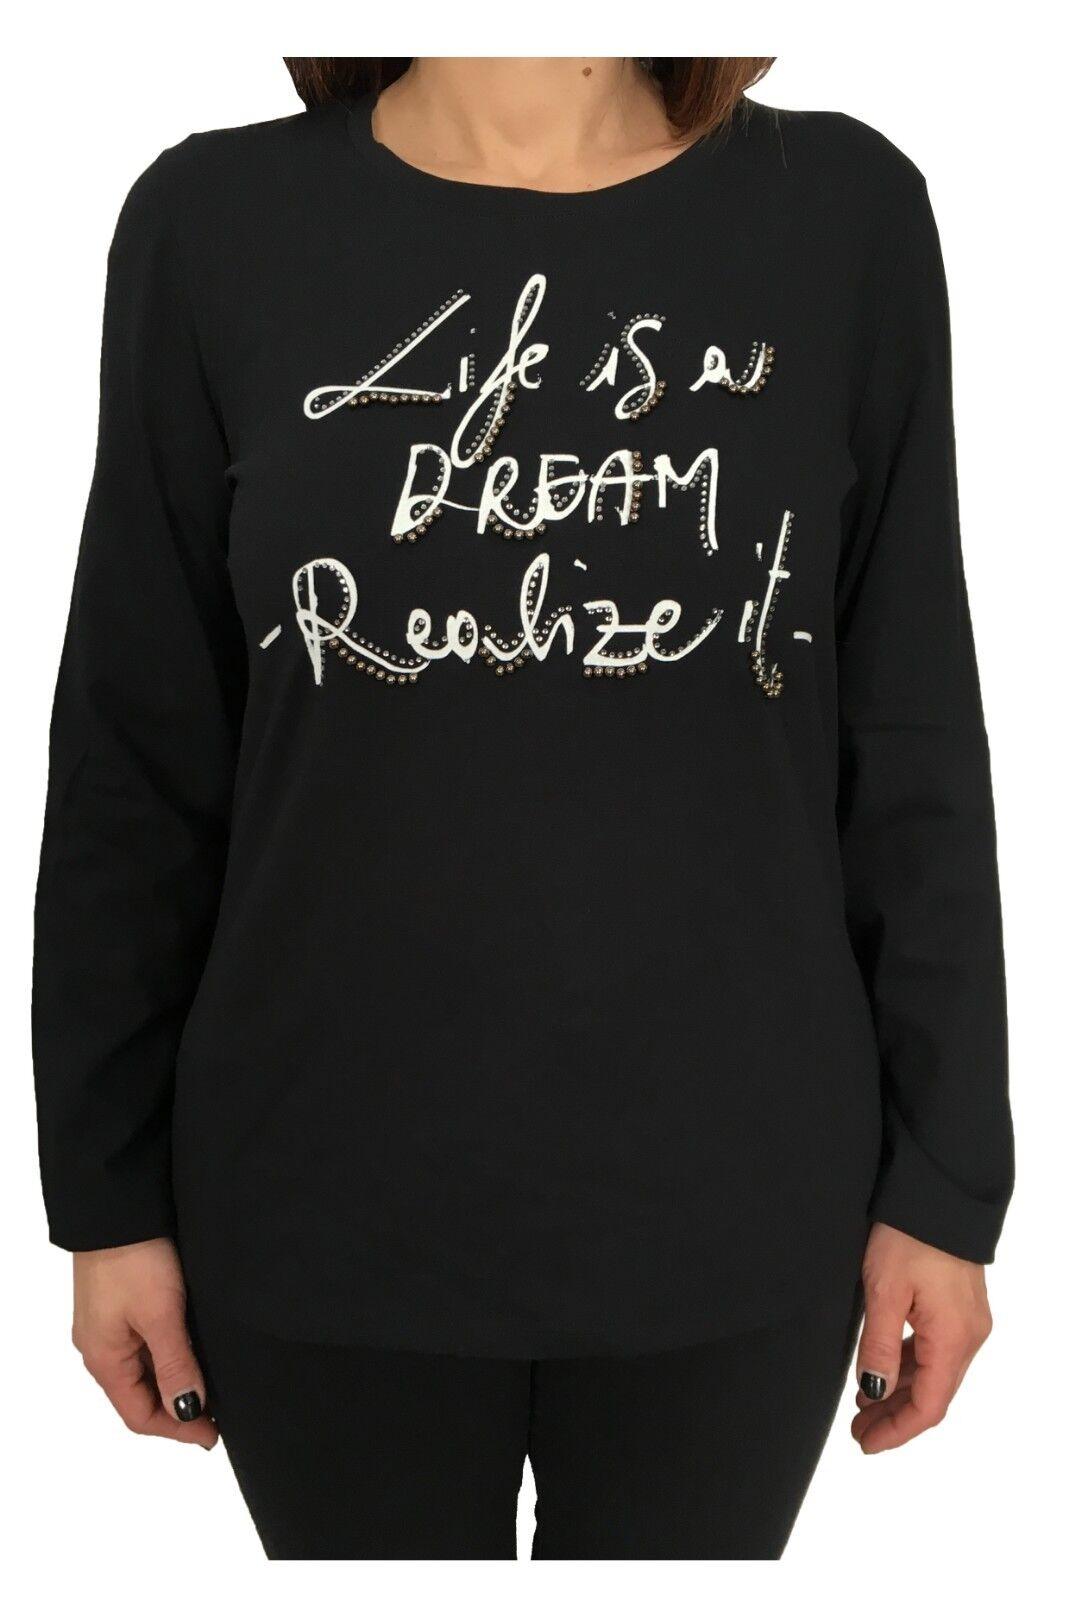 Elena  Mirò Camiseta de Mujer Negro Aplicaciones 94%Algodón 6%Elastano  compras de moda online